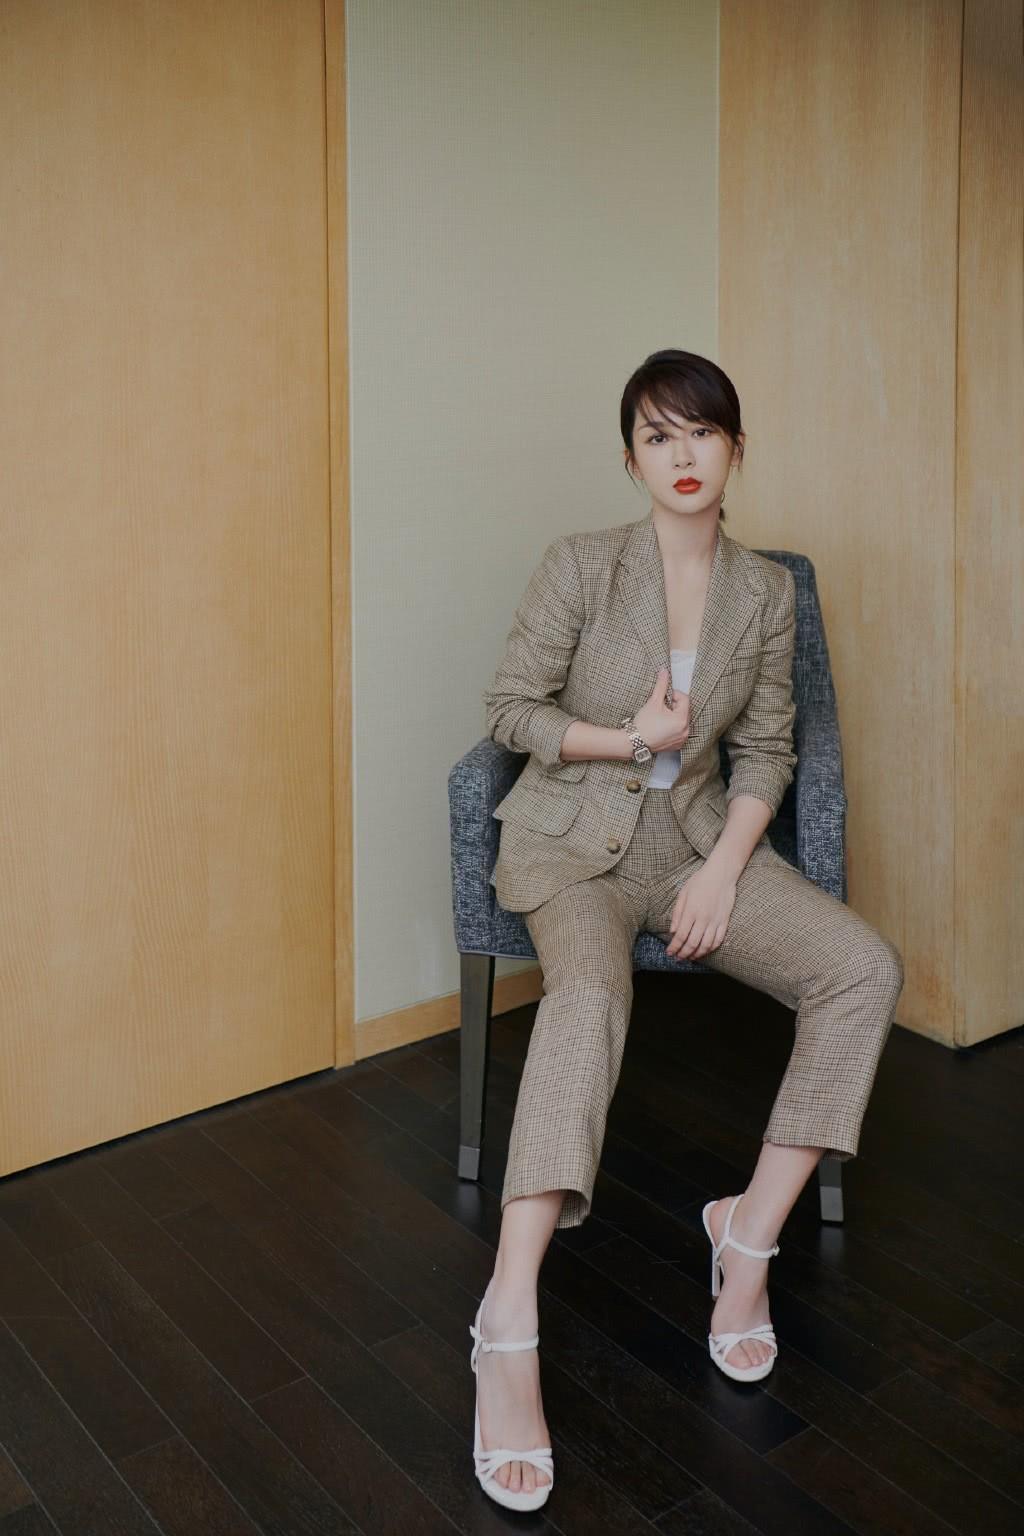 杨紫写真照曝光,穿针织衫配及膝短裙,双手捧脸俏皮如16岁少女